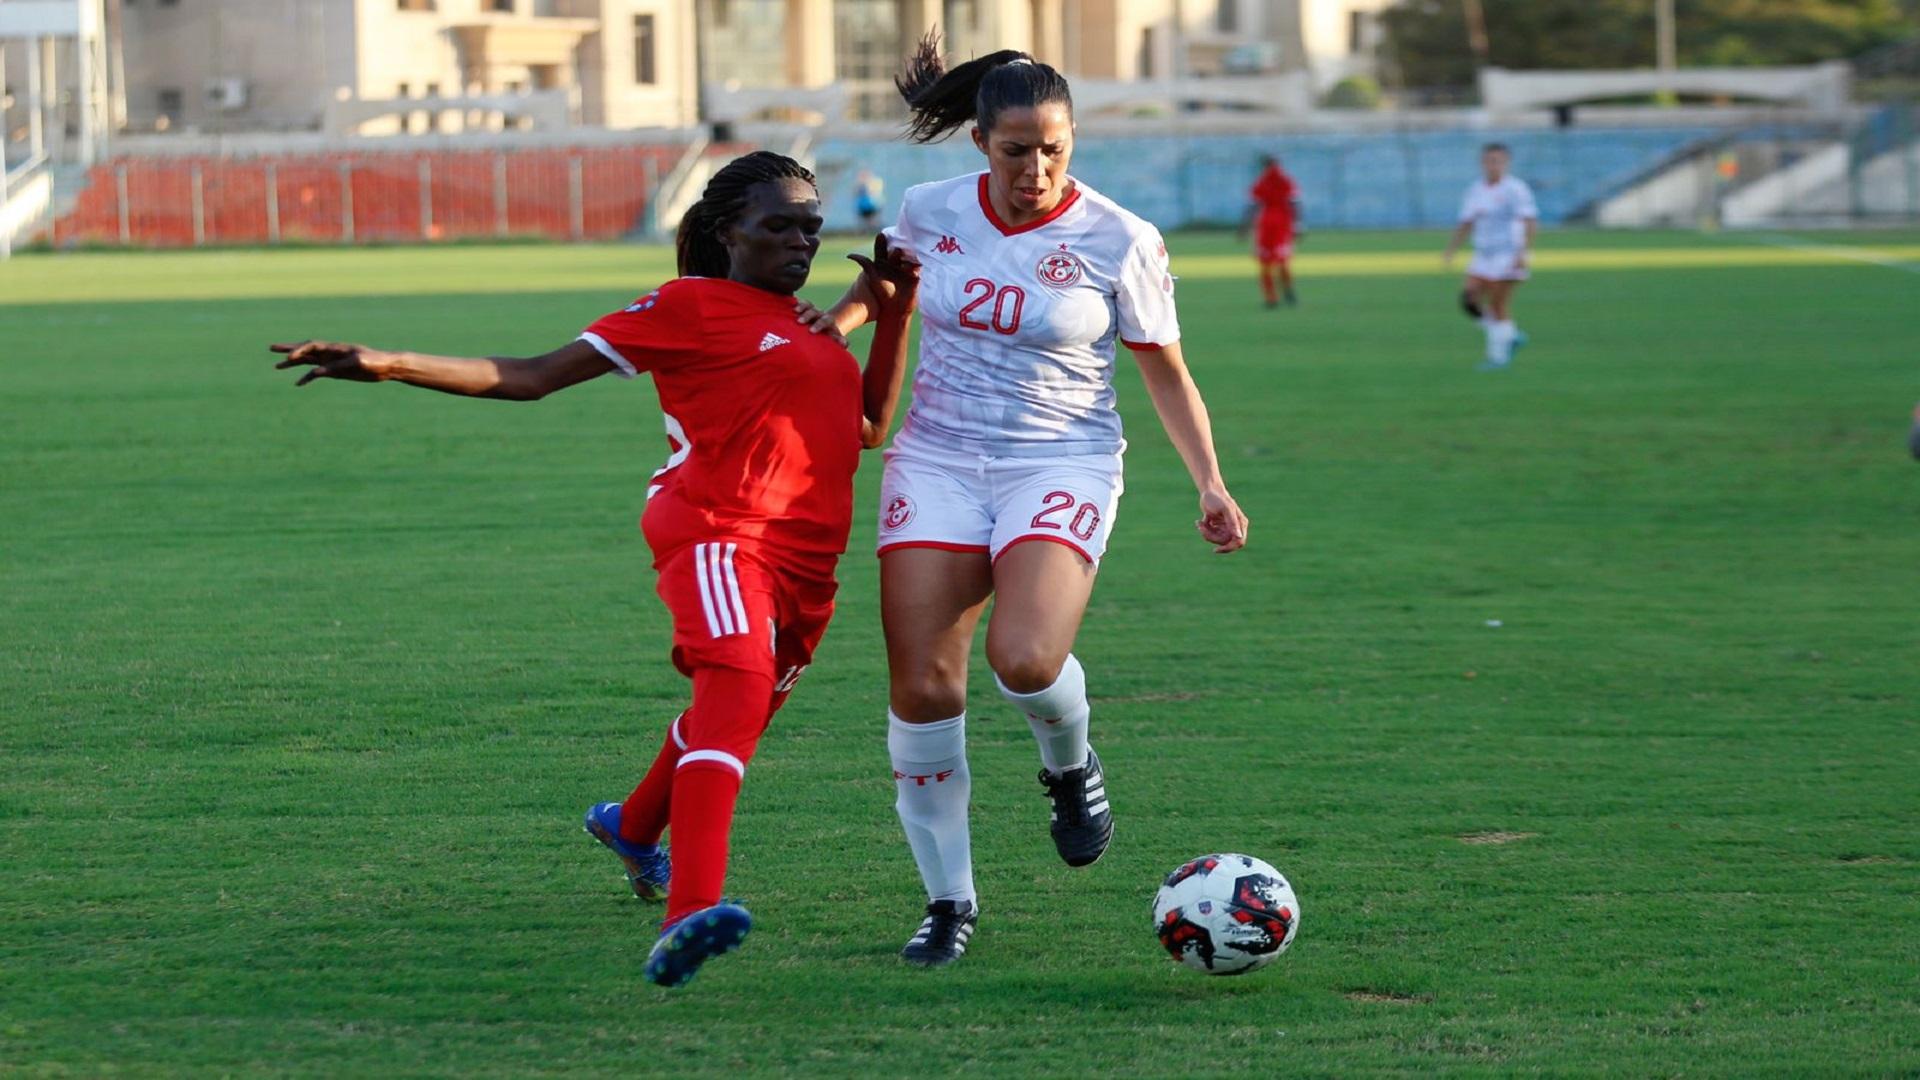 المنتخب التونسي لكرة القدم للسيدات